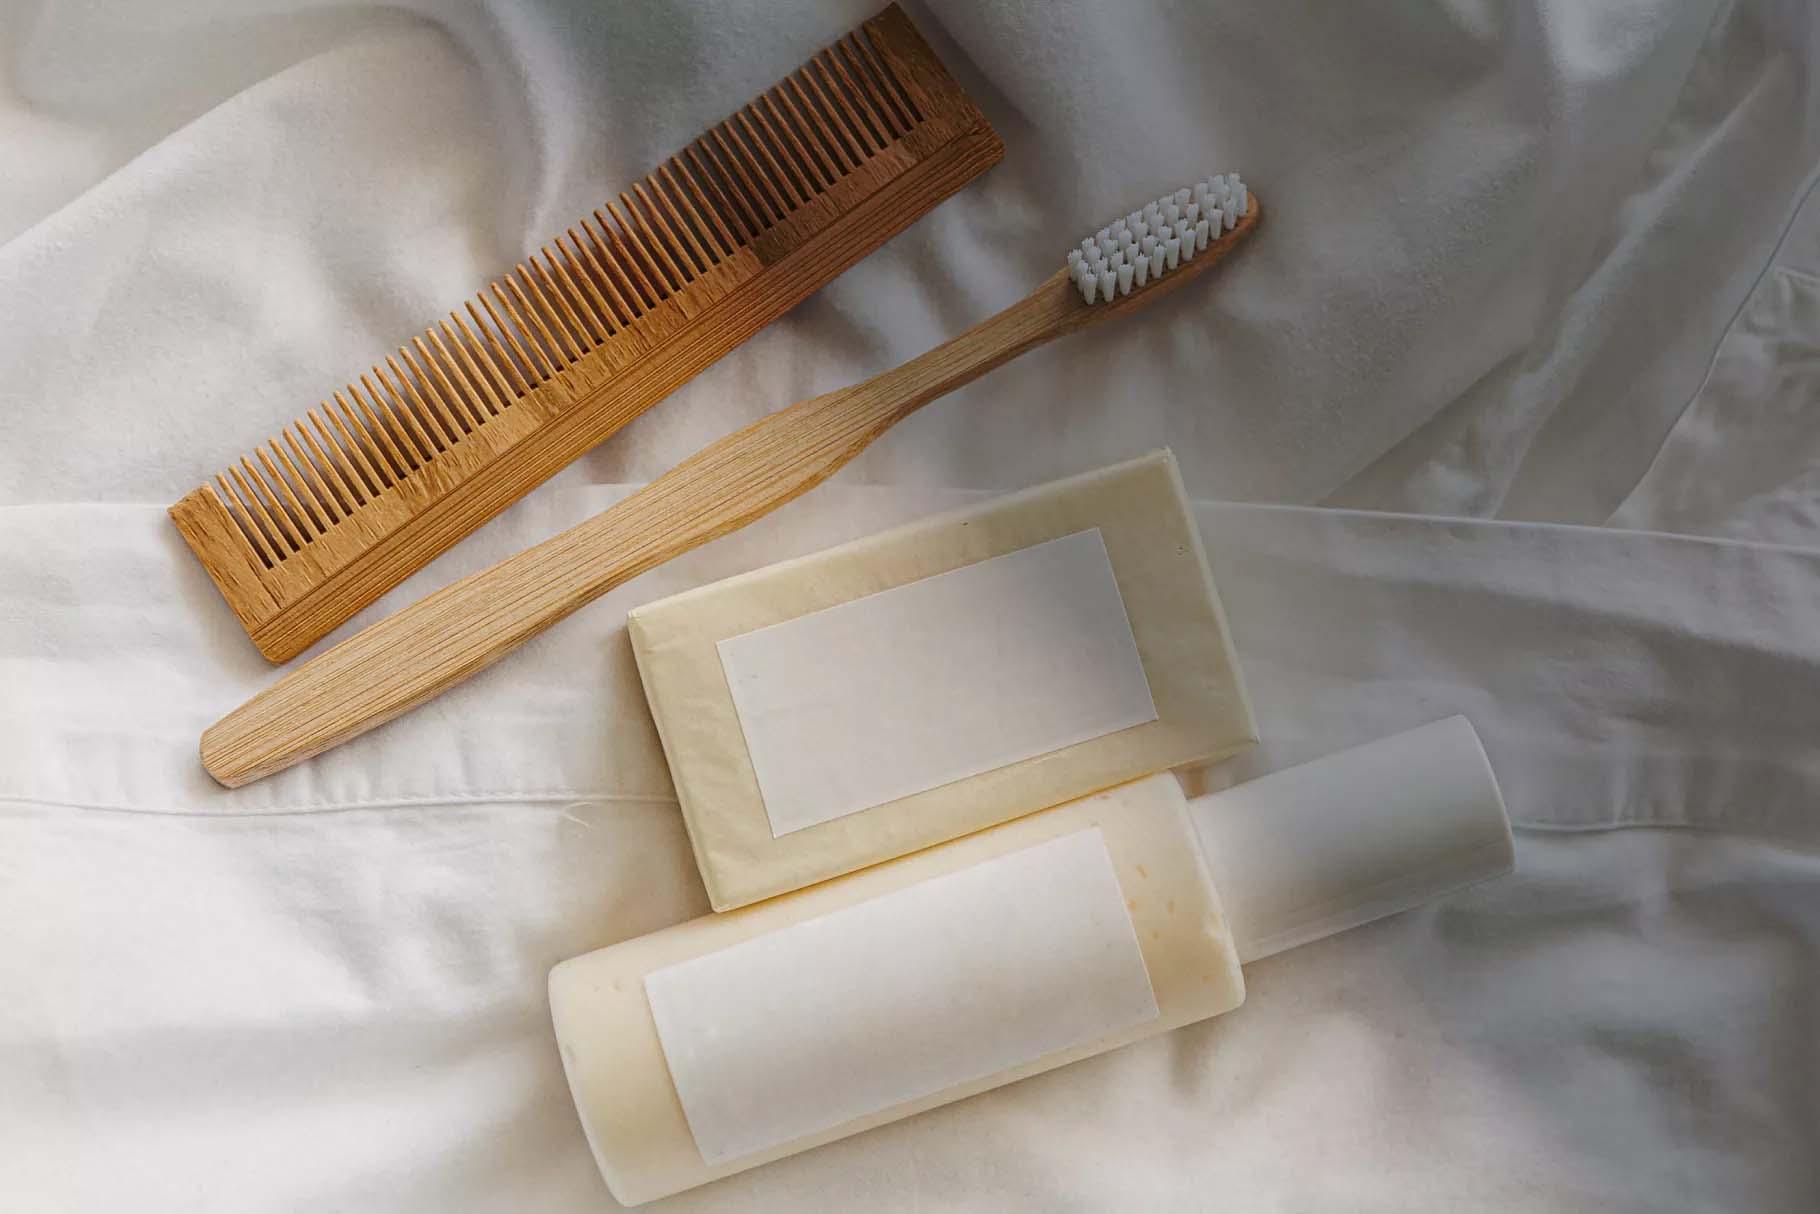 Soap & Shampoo Mockup 2